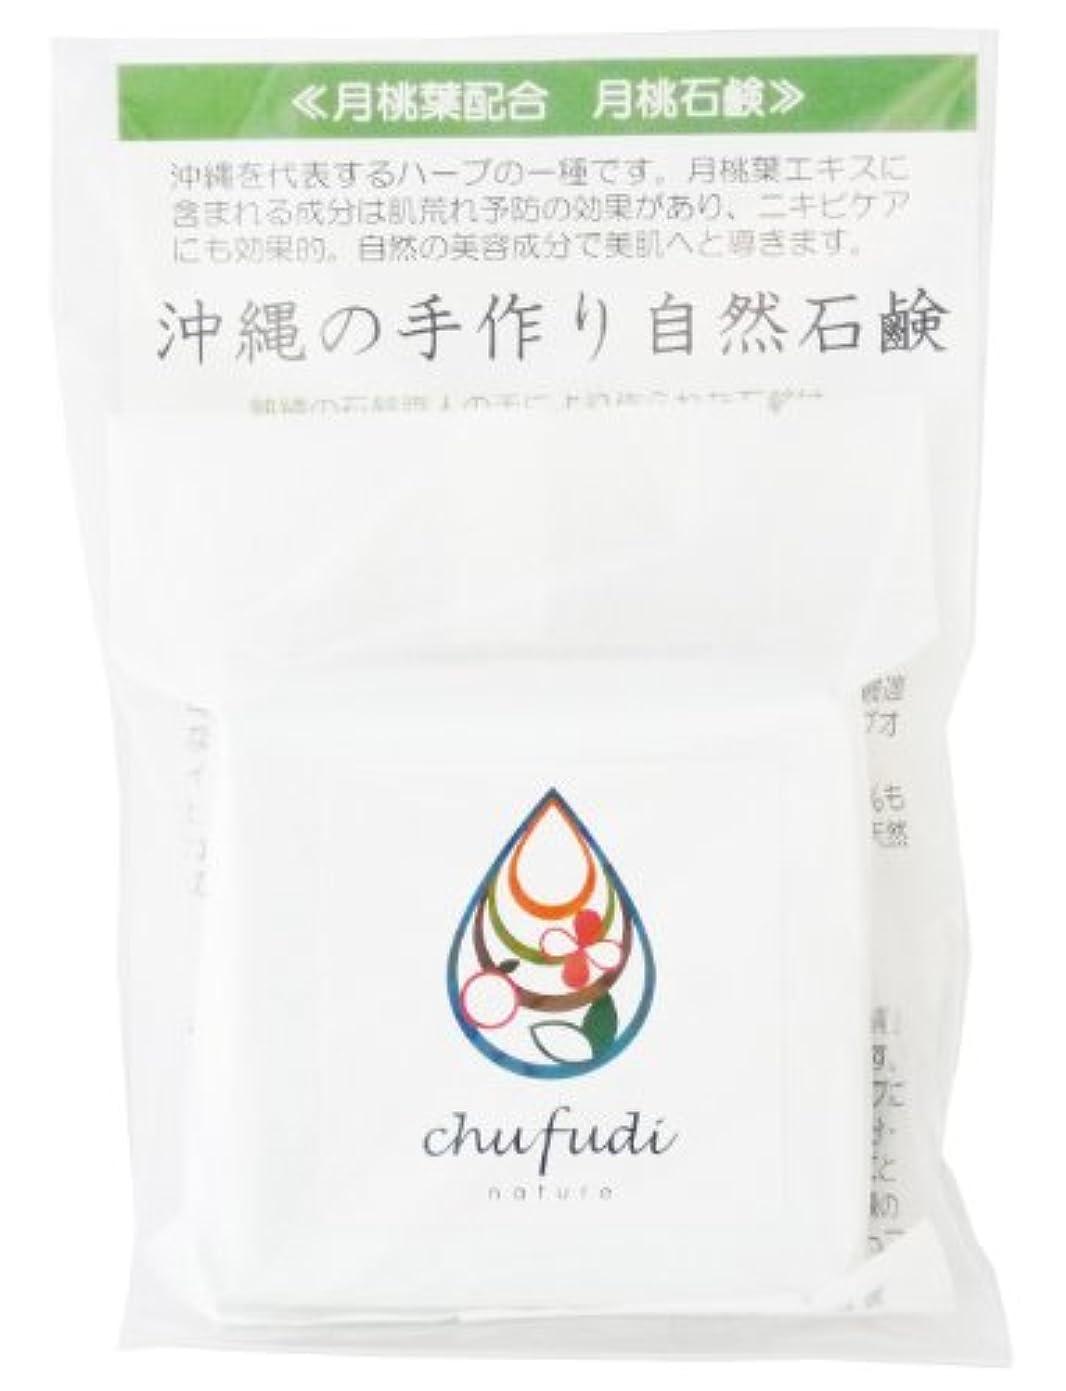 チュフディ ナチュール 沖縄ハーブ 月桃石鹸